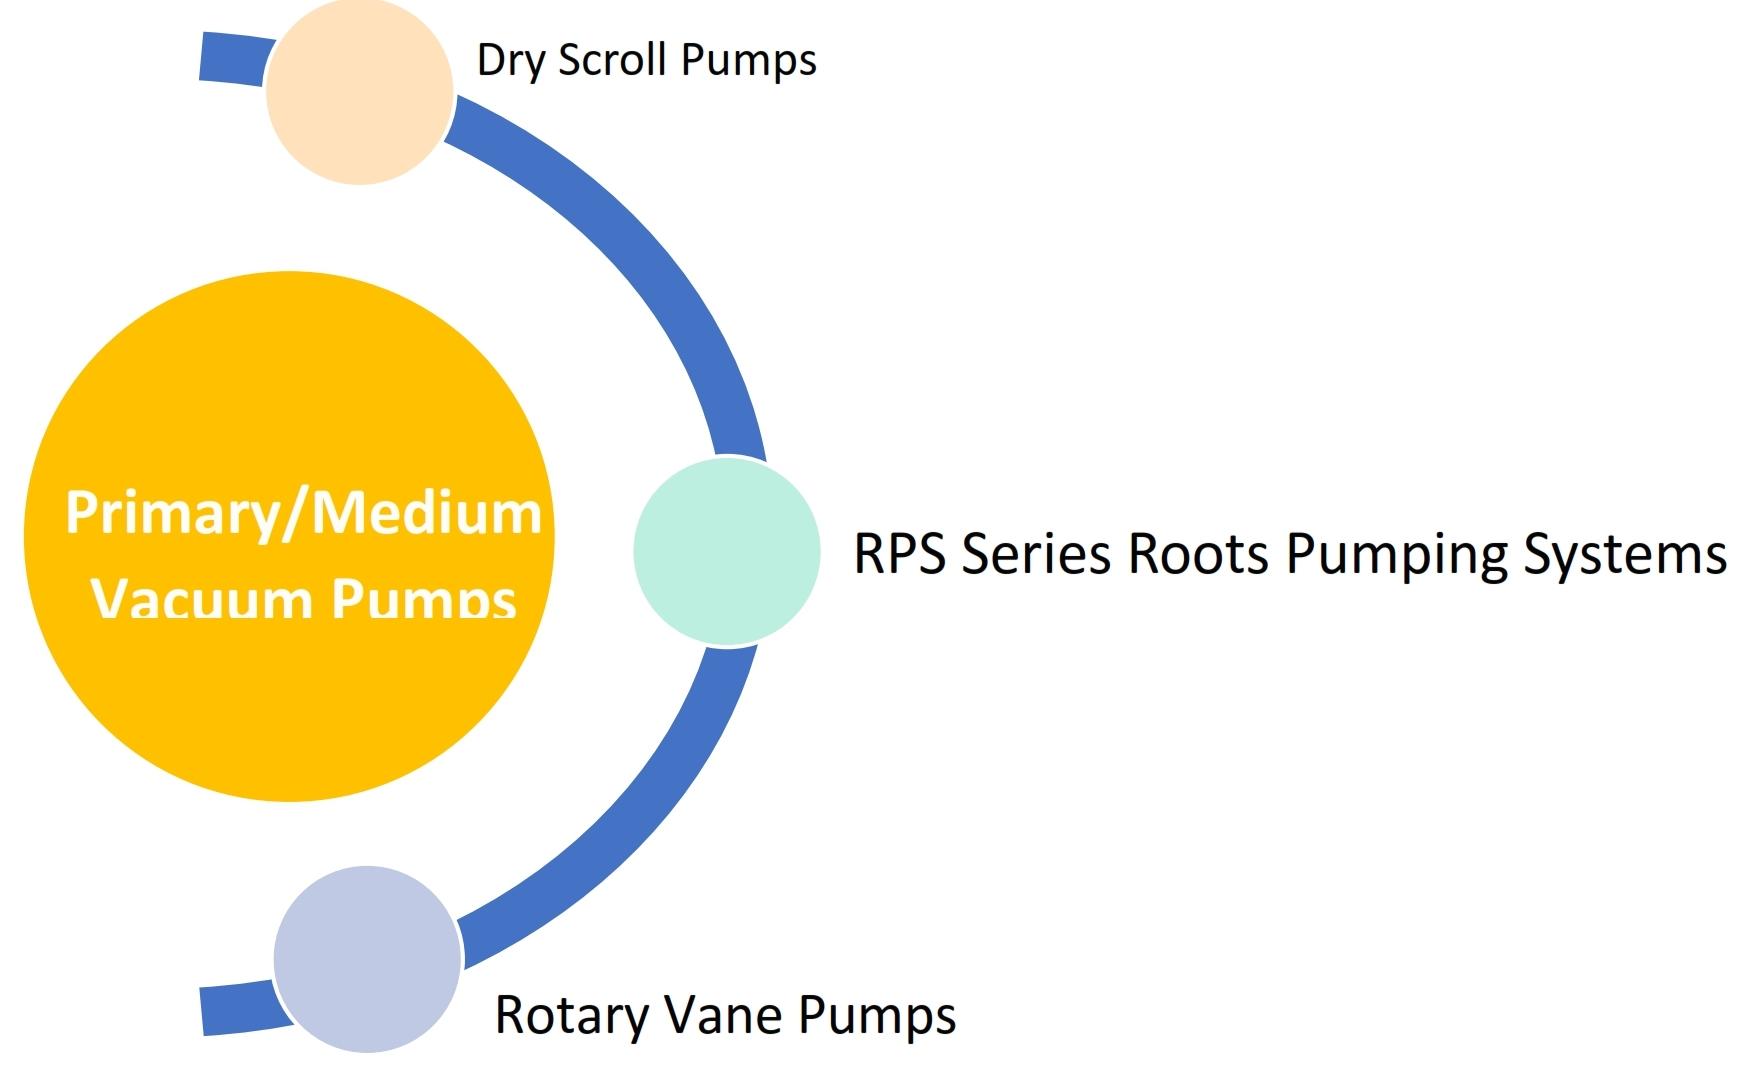 PrimaryMedium Vacuum Pumps